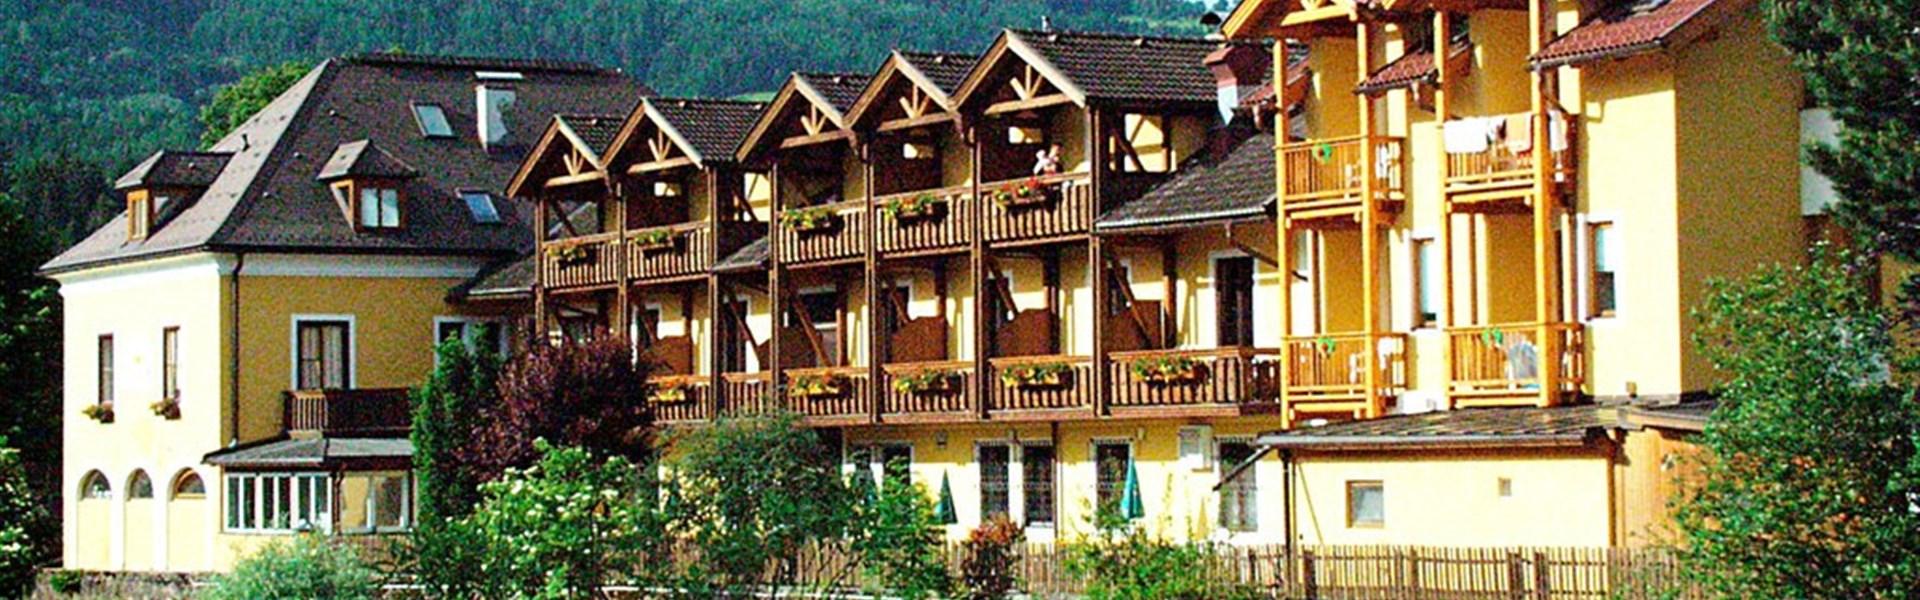 Hotel Platzer -